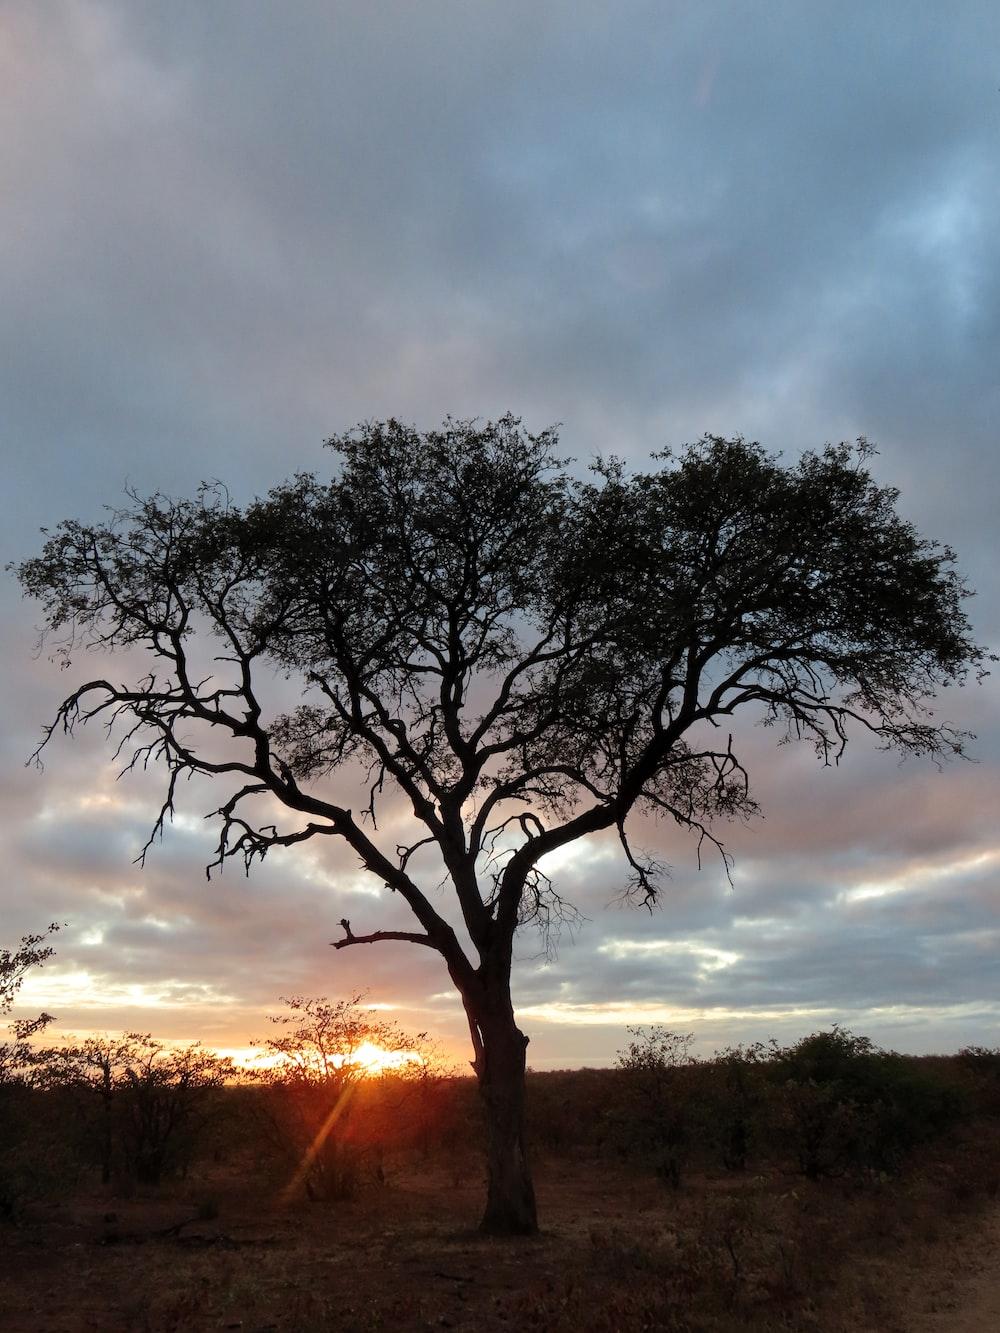 green tree photo across sunset